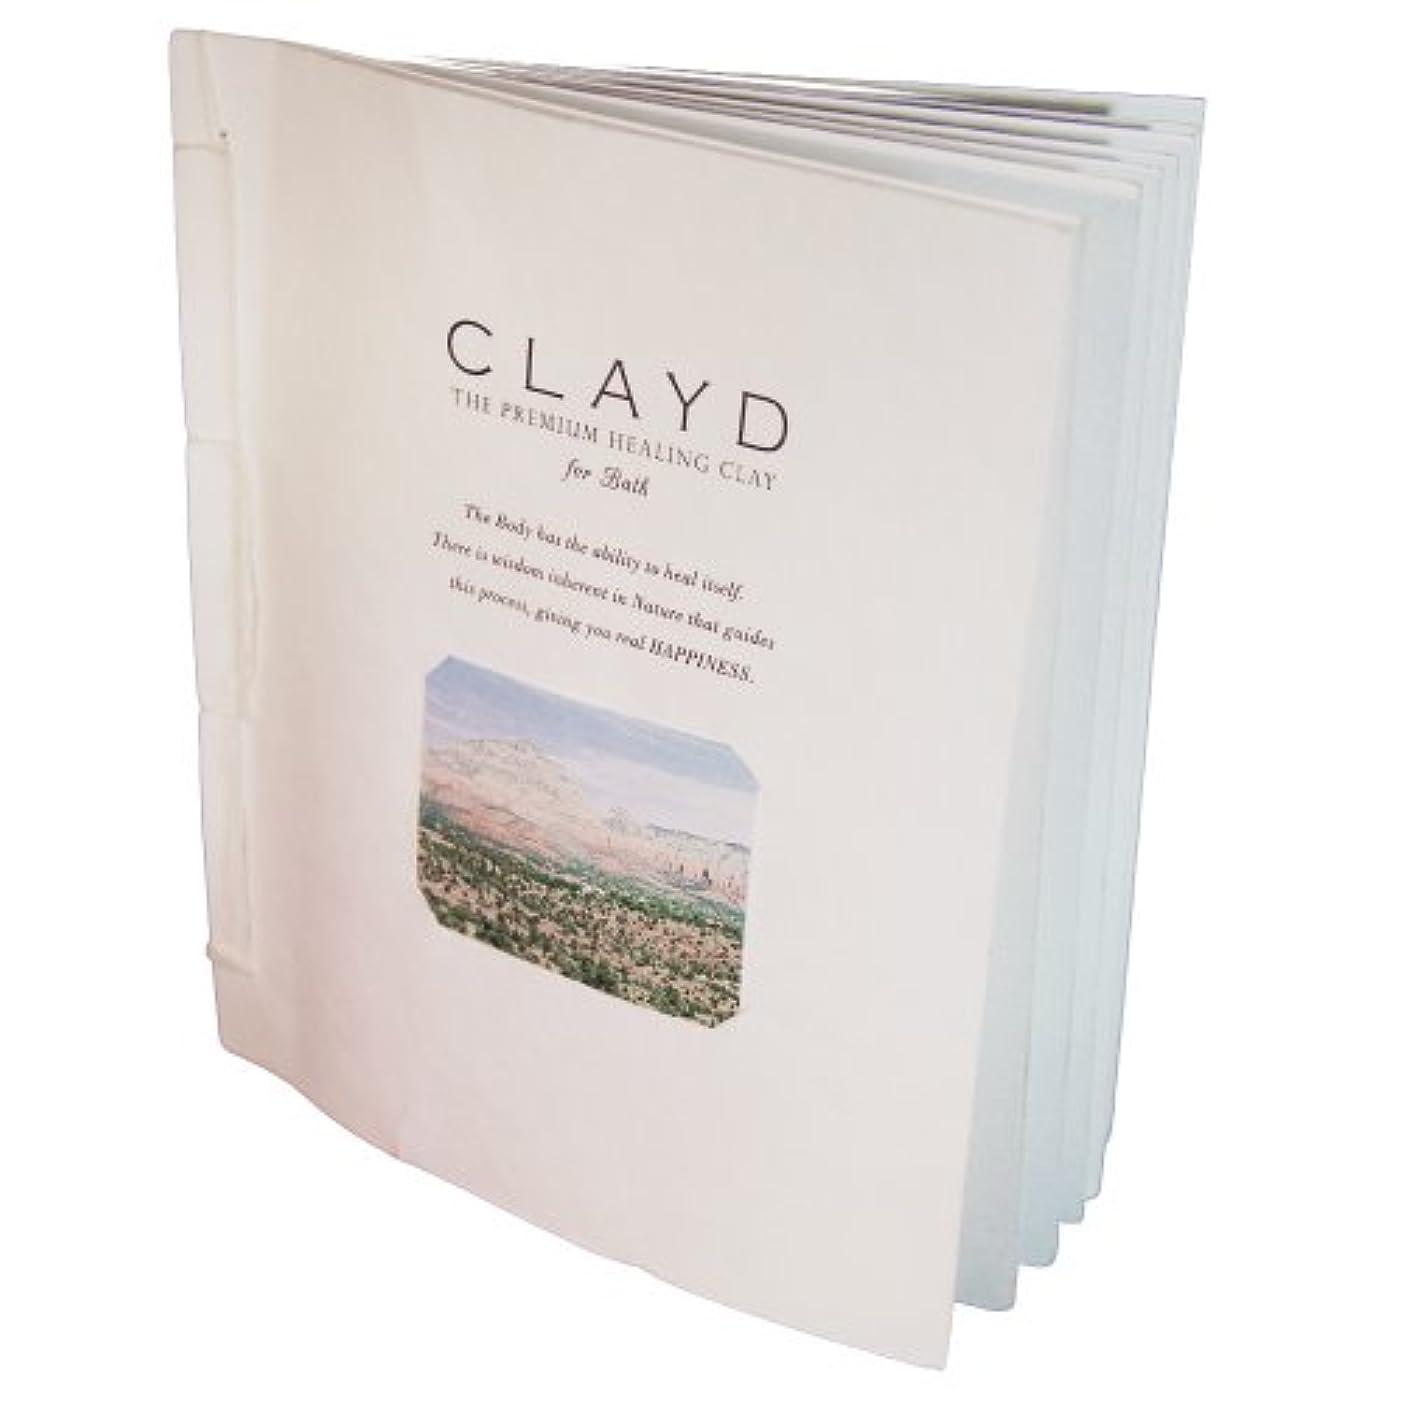 代替酸度モニタークレイド WEEK BOOK 30g×7包